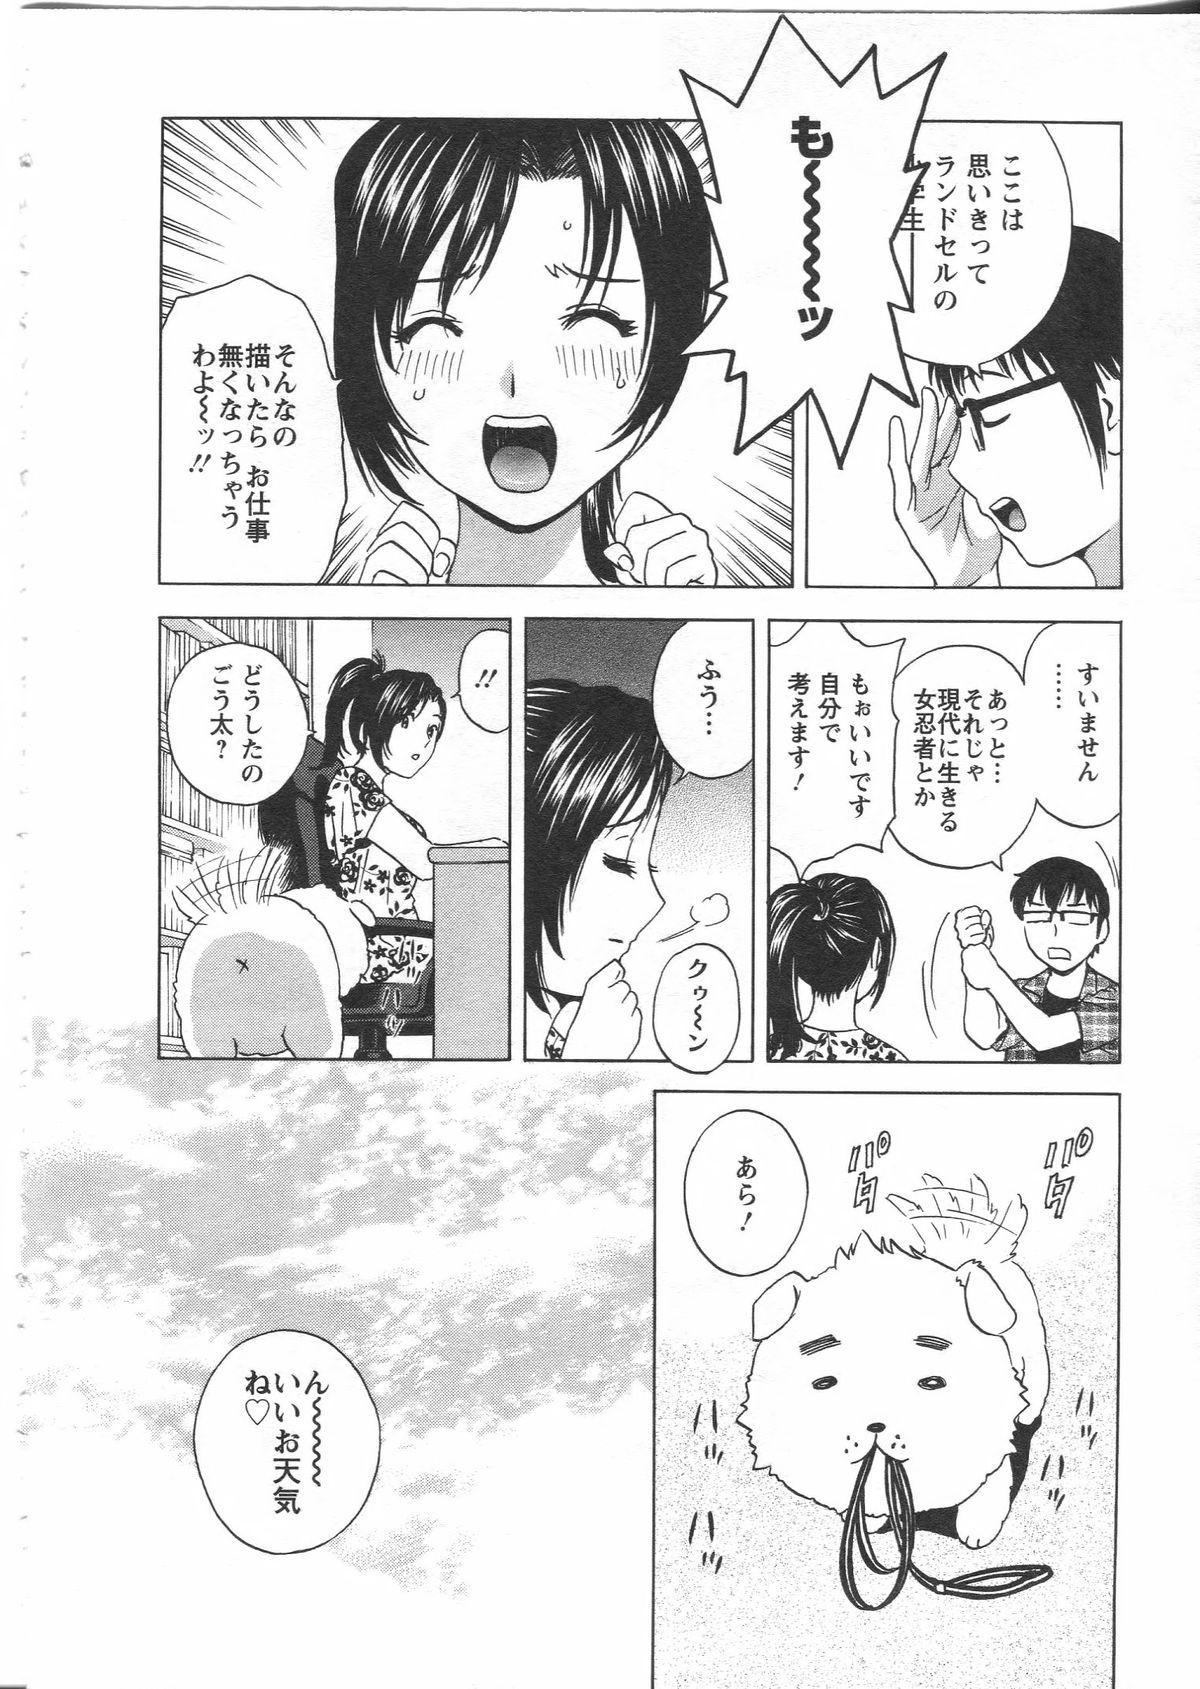 Manga no youna Hitozuma to no Hibi - Days with Married Women such as Comics. 137